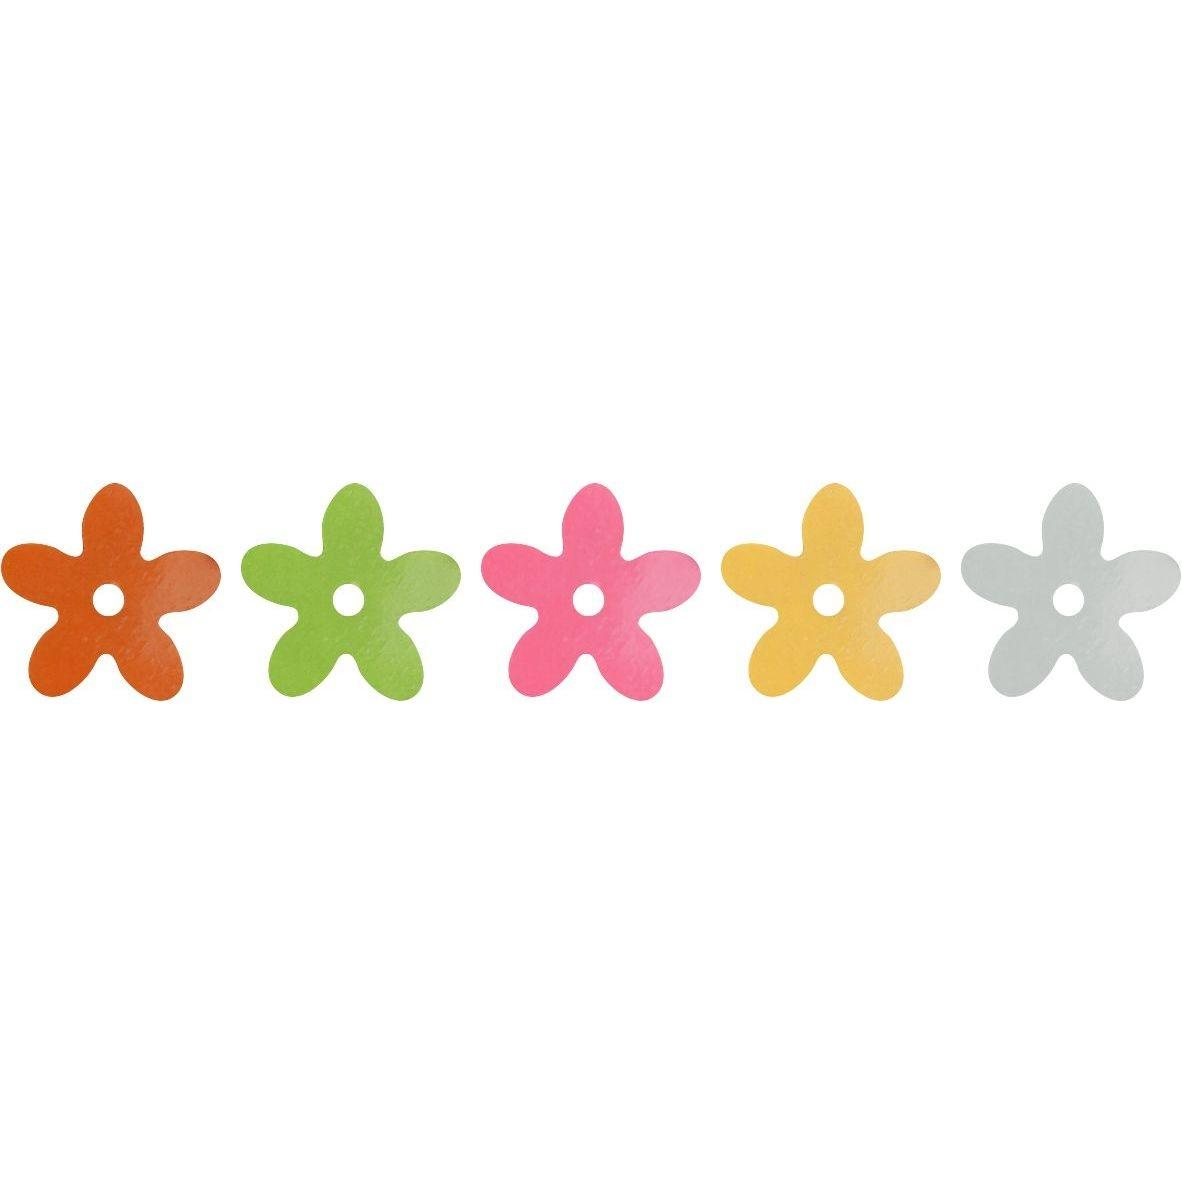 Cekiny kwiaty 10mm 5x5g - kwiaty, 5 kolorów (268436)